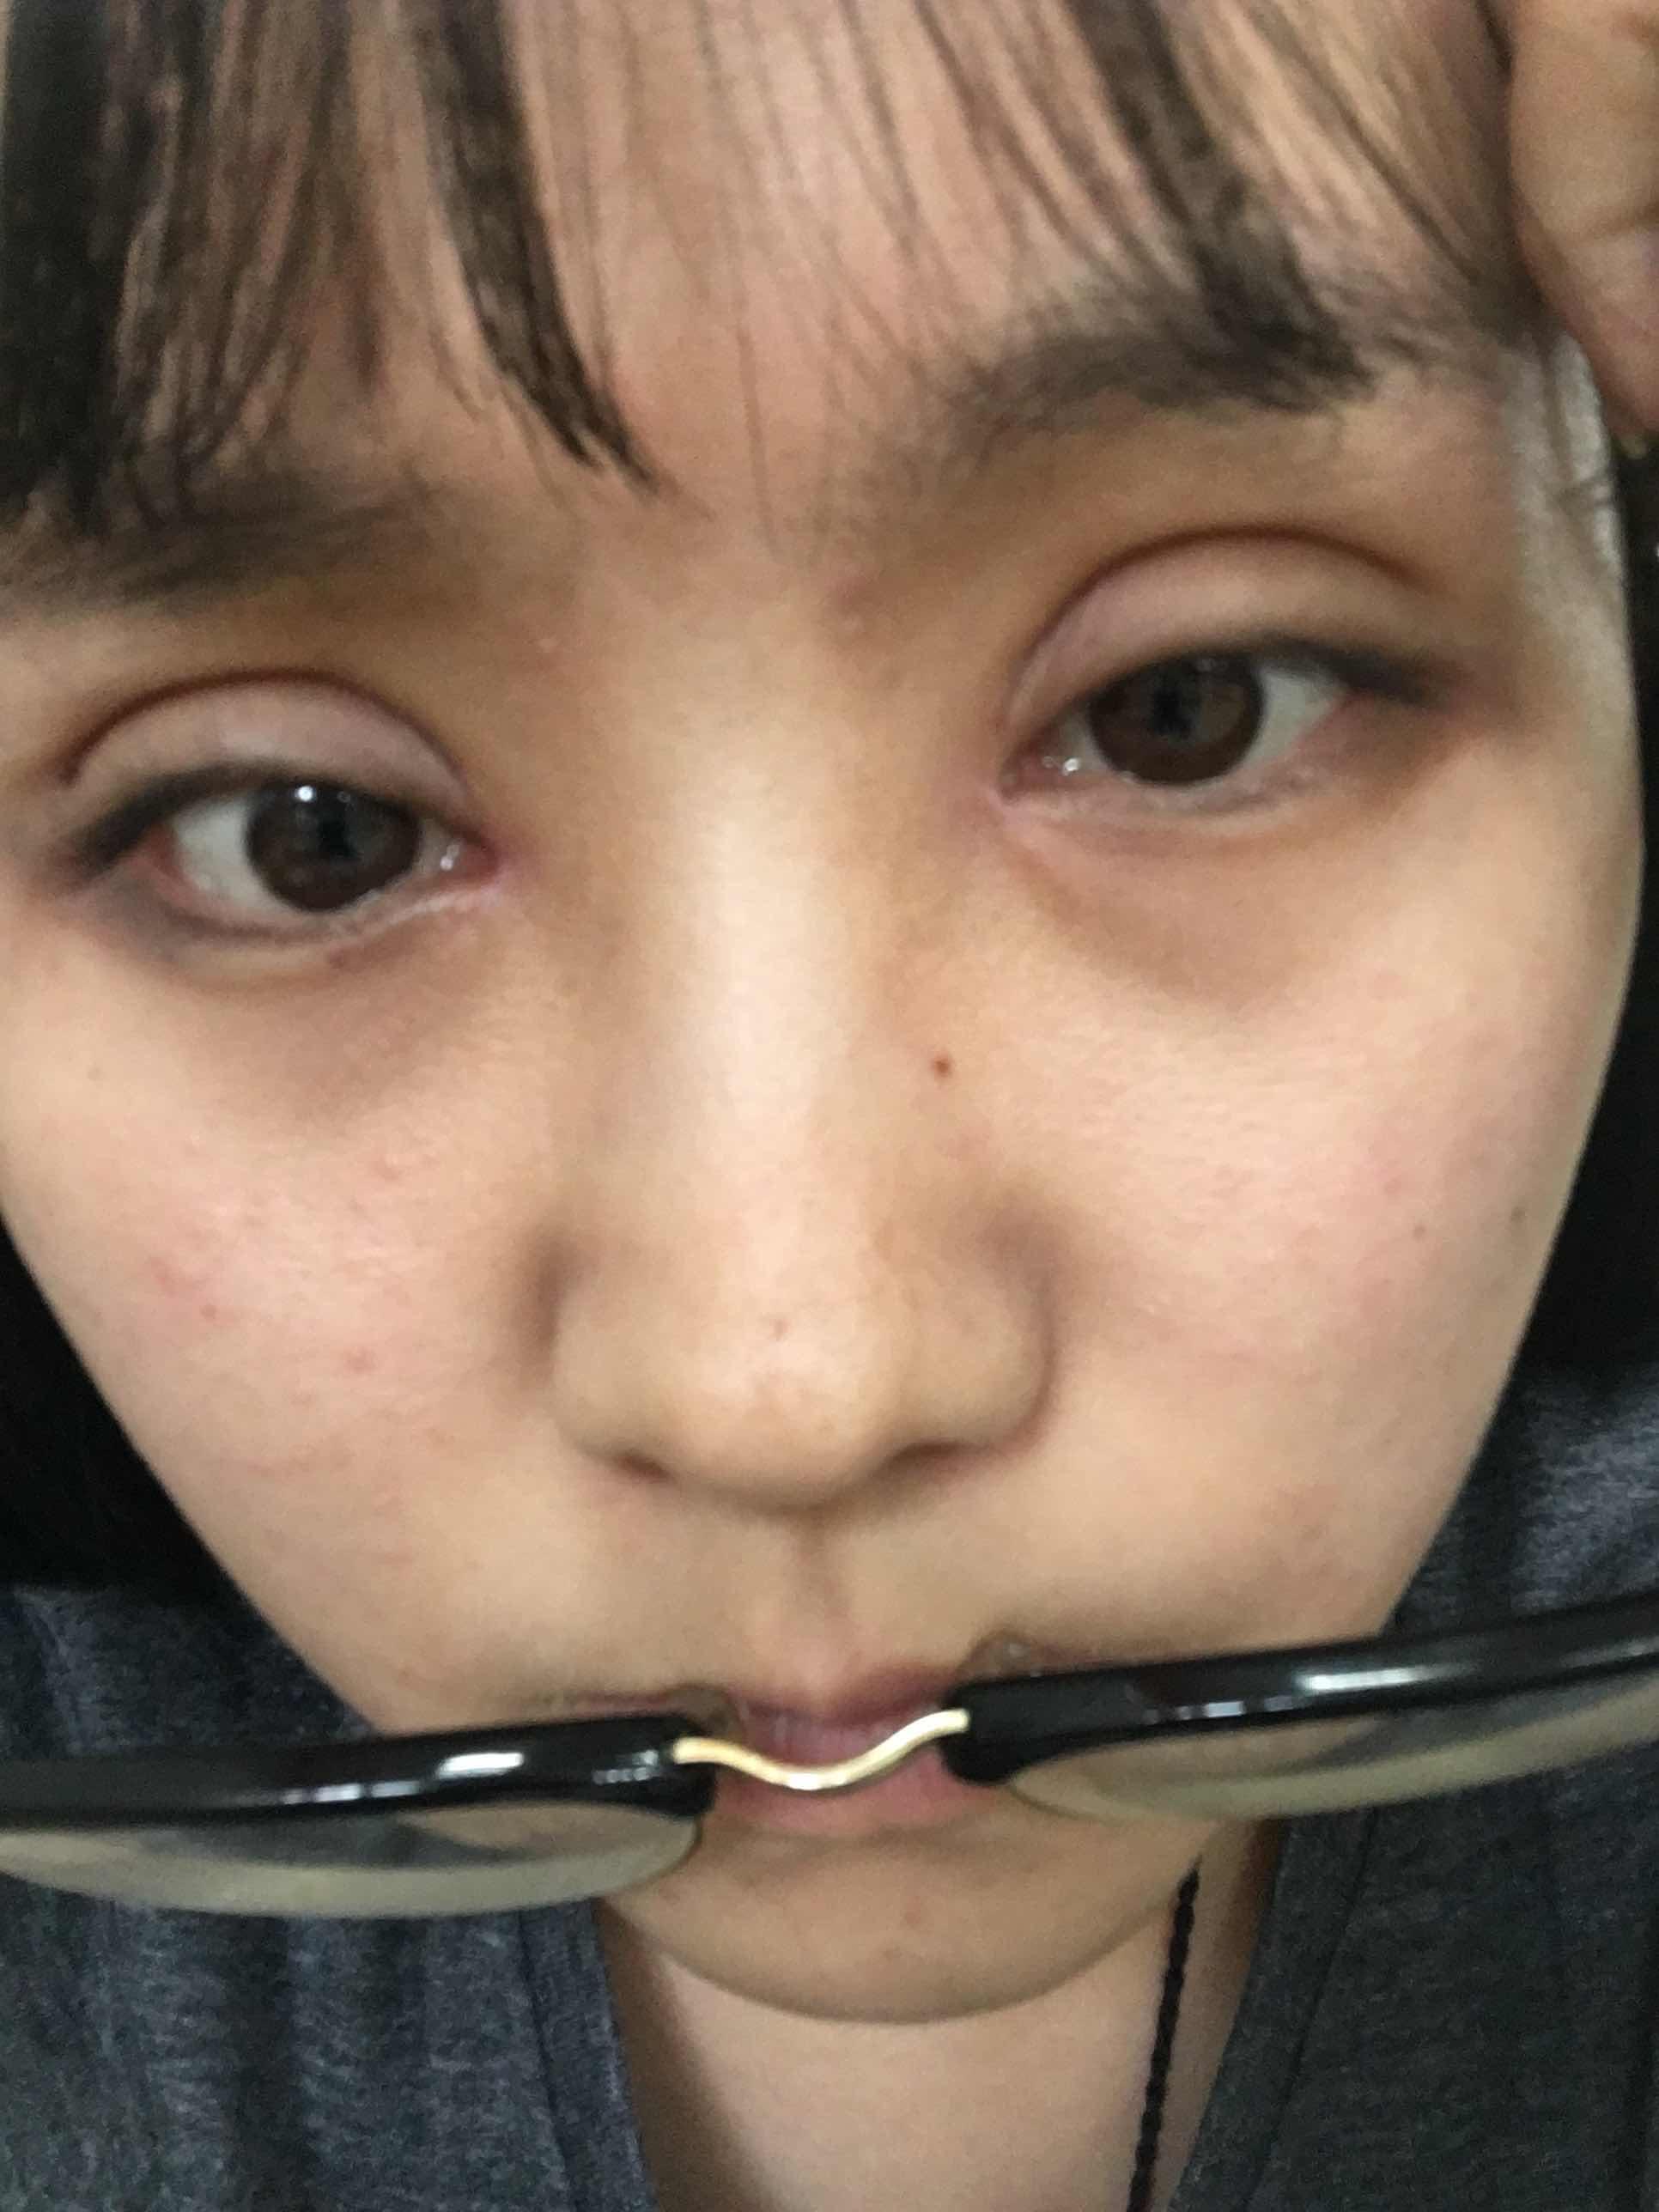 做的双眼皮要肿几天,全切双眼皮已经第11天了还肿,什么原因?什么时候才能消肿?